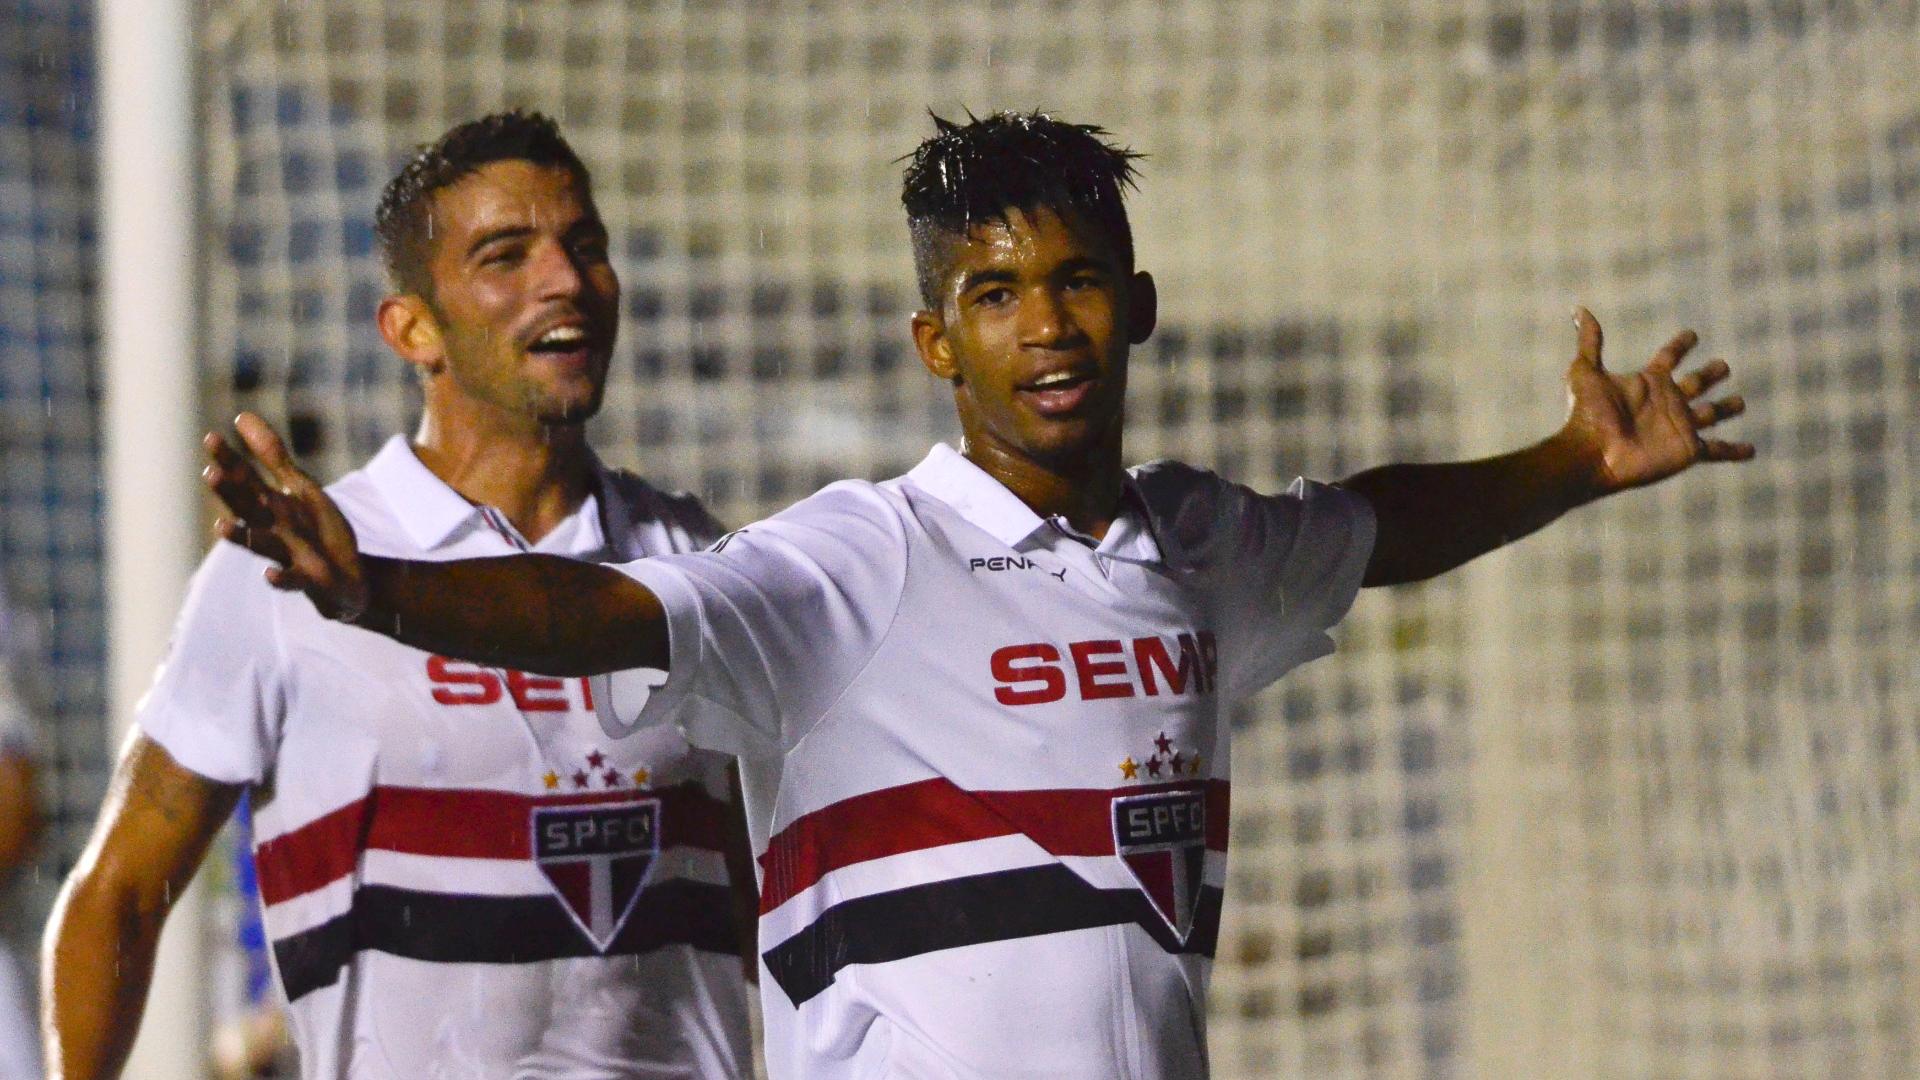 Udinese, frattura al piede destro per Ewandro: il bollettino